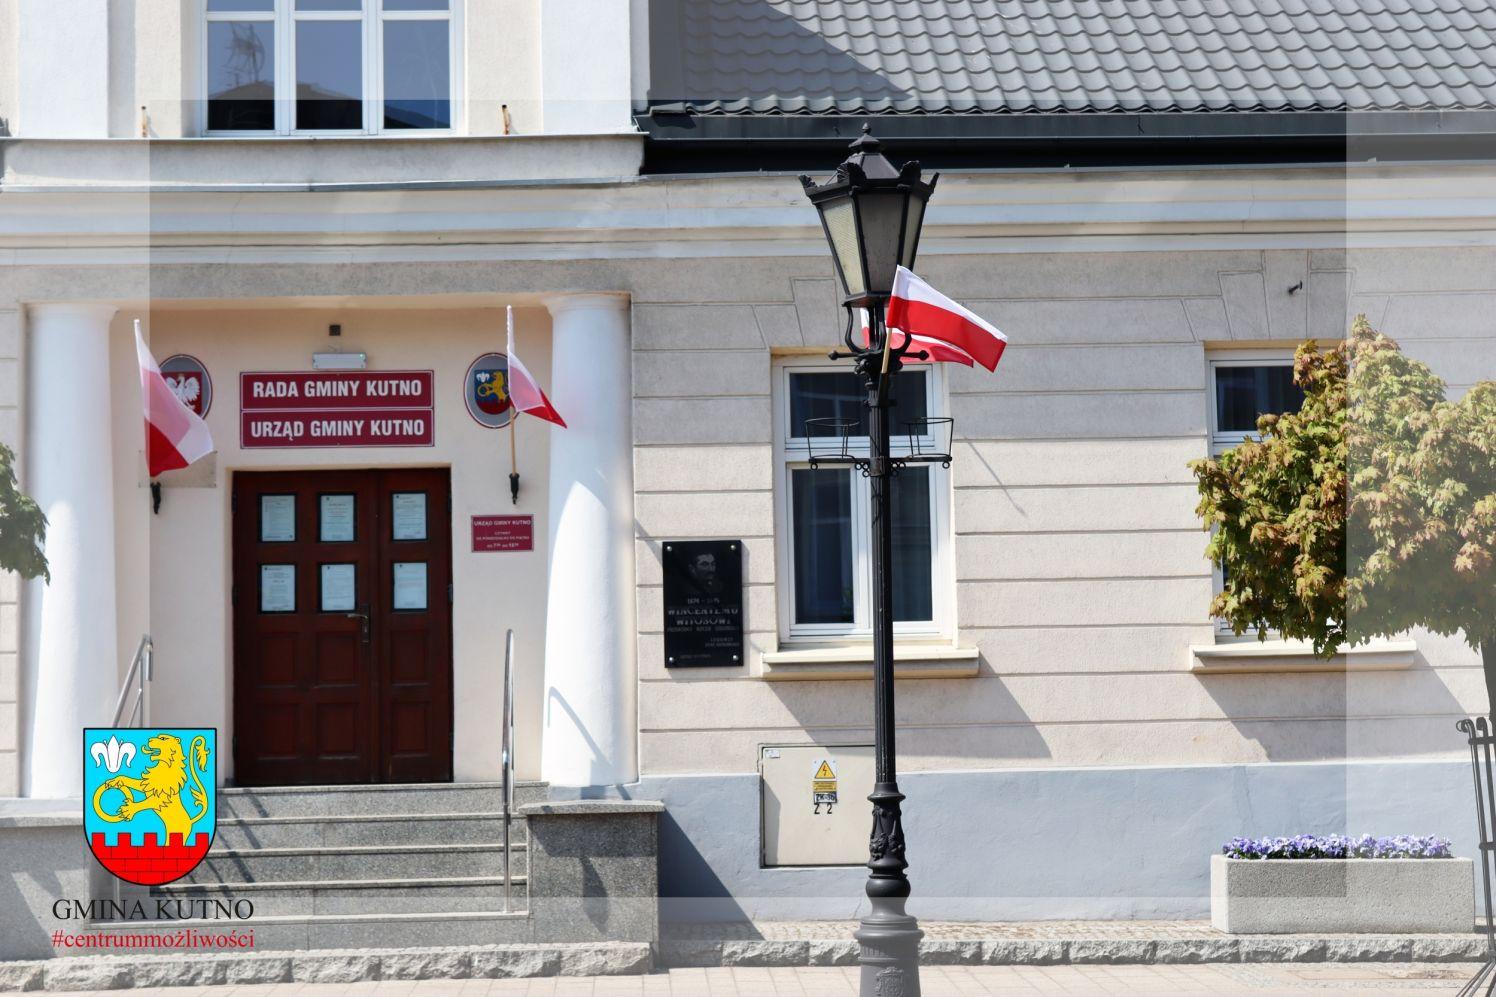 Inwestycje w gminie Kutno: jakie plany mają władze? - Zdjęcie główne